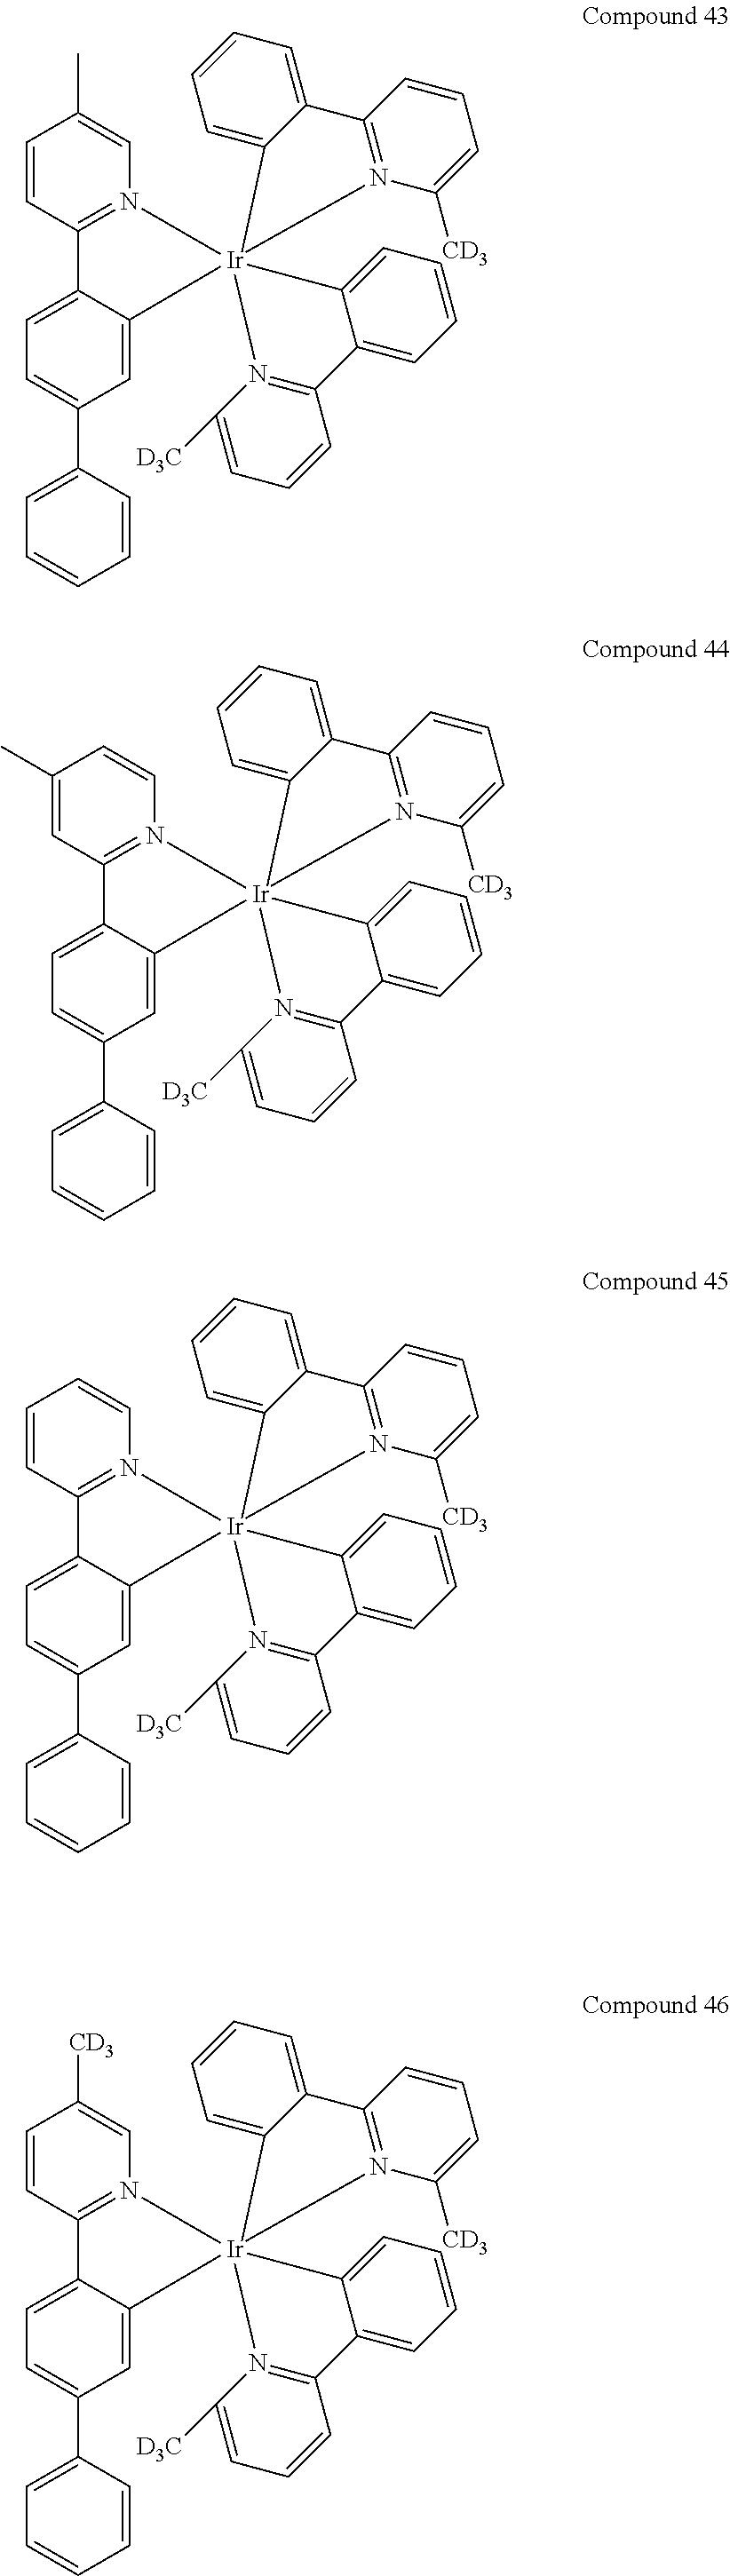 Figure US20100270916A1-20101028-C00170